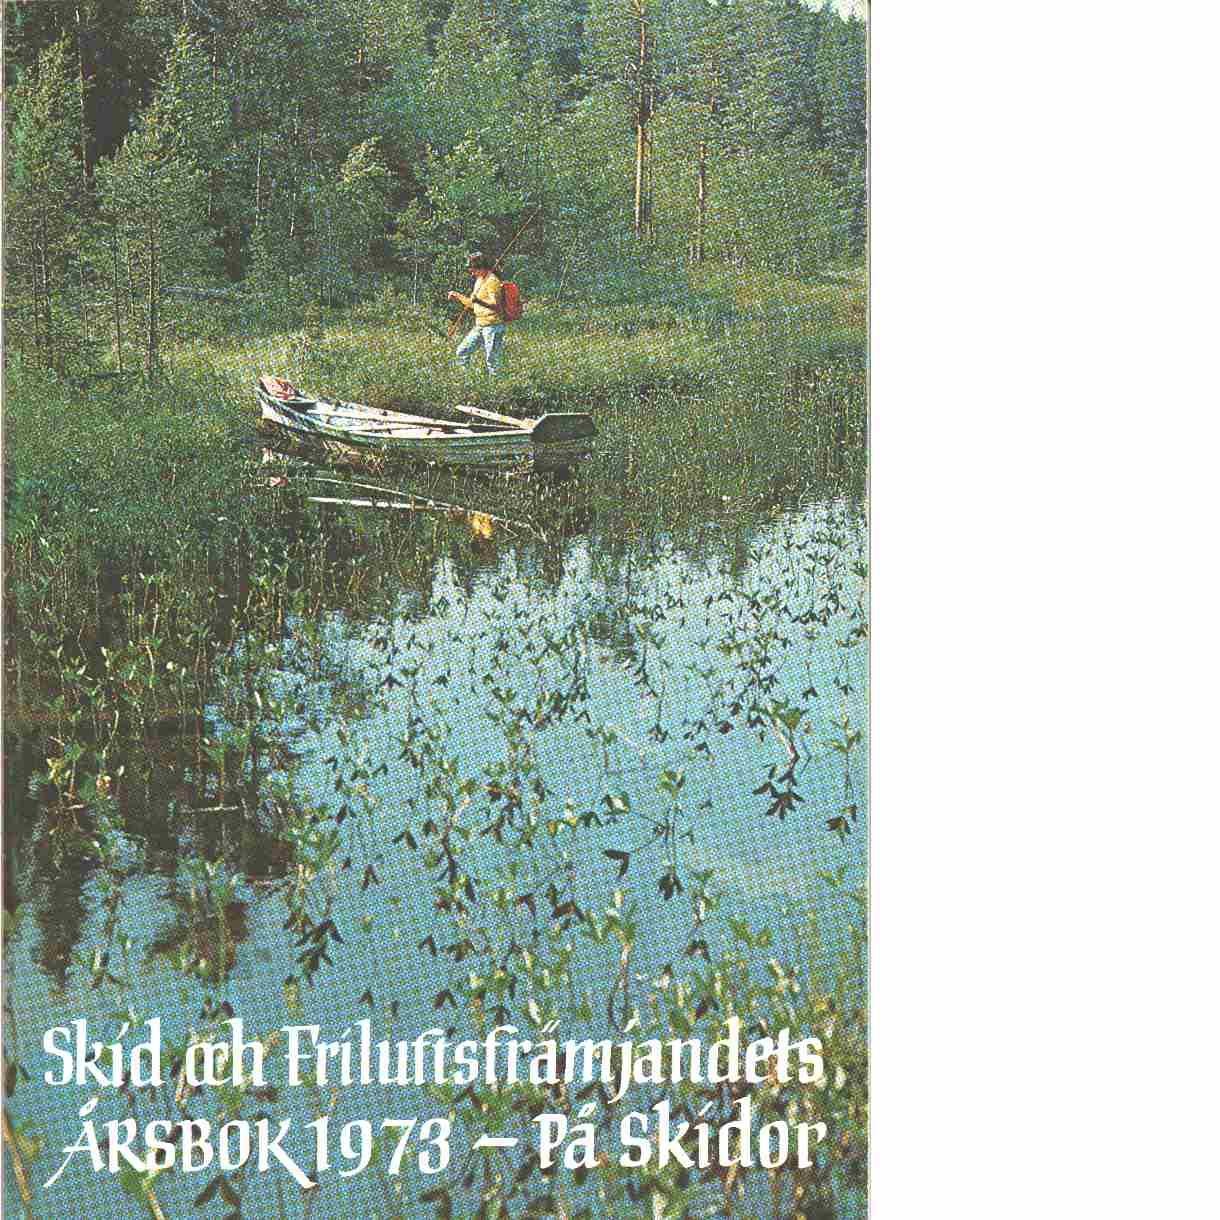 På skidor : Skid- och friluftsfrämjandets årsbok. Årsbok 1973 - Skid- och friluftsfrämjandet